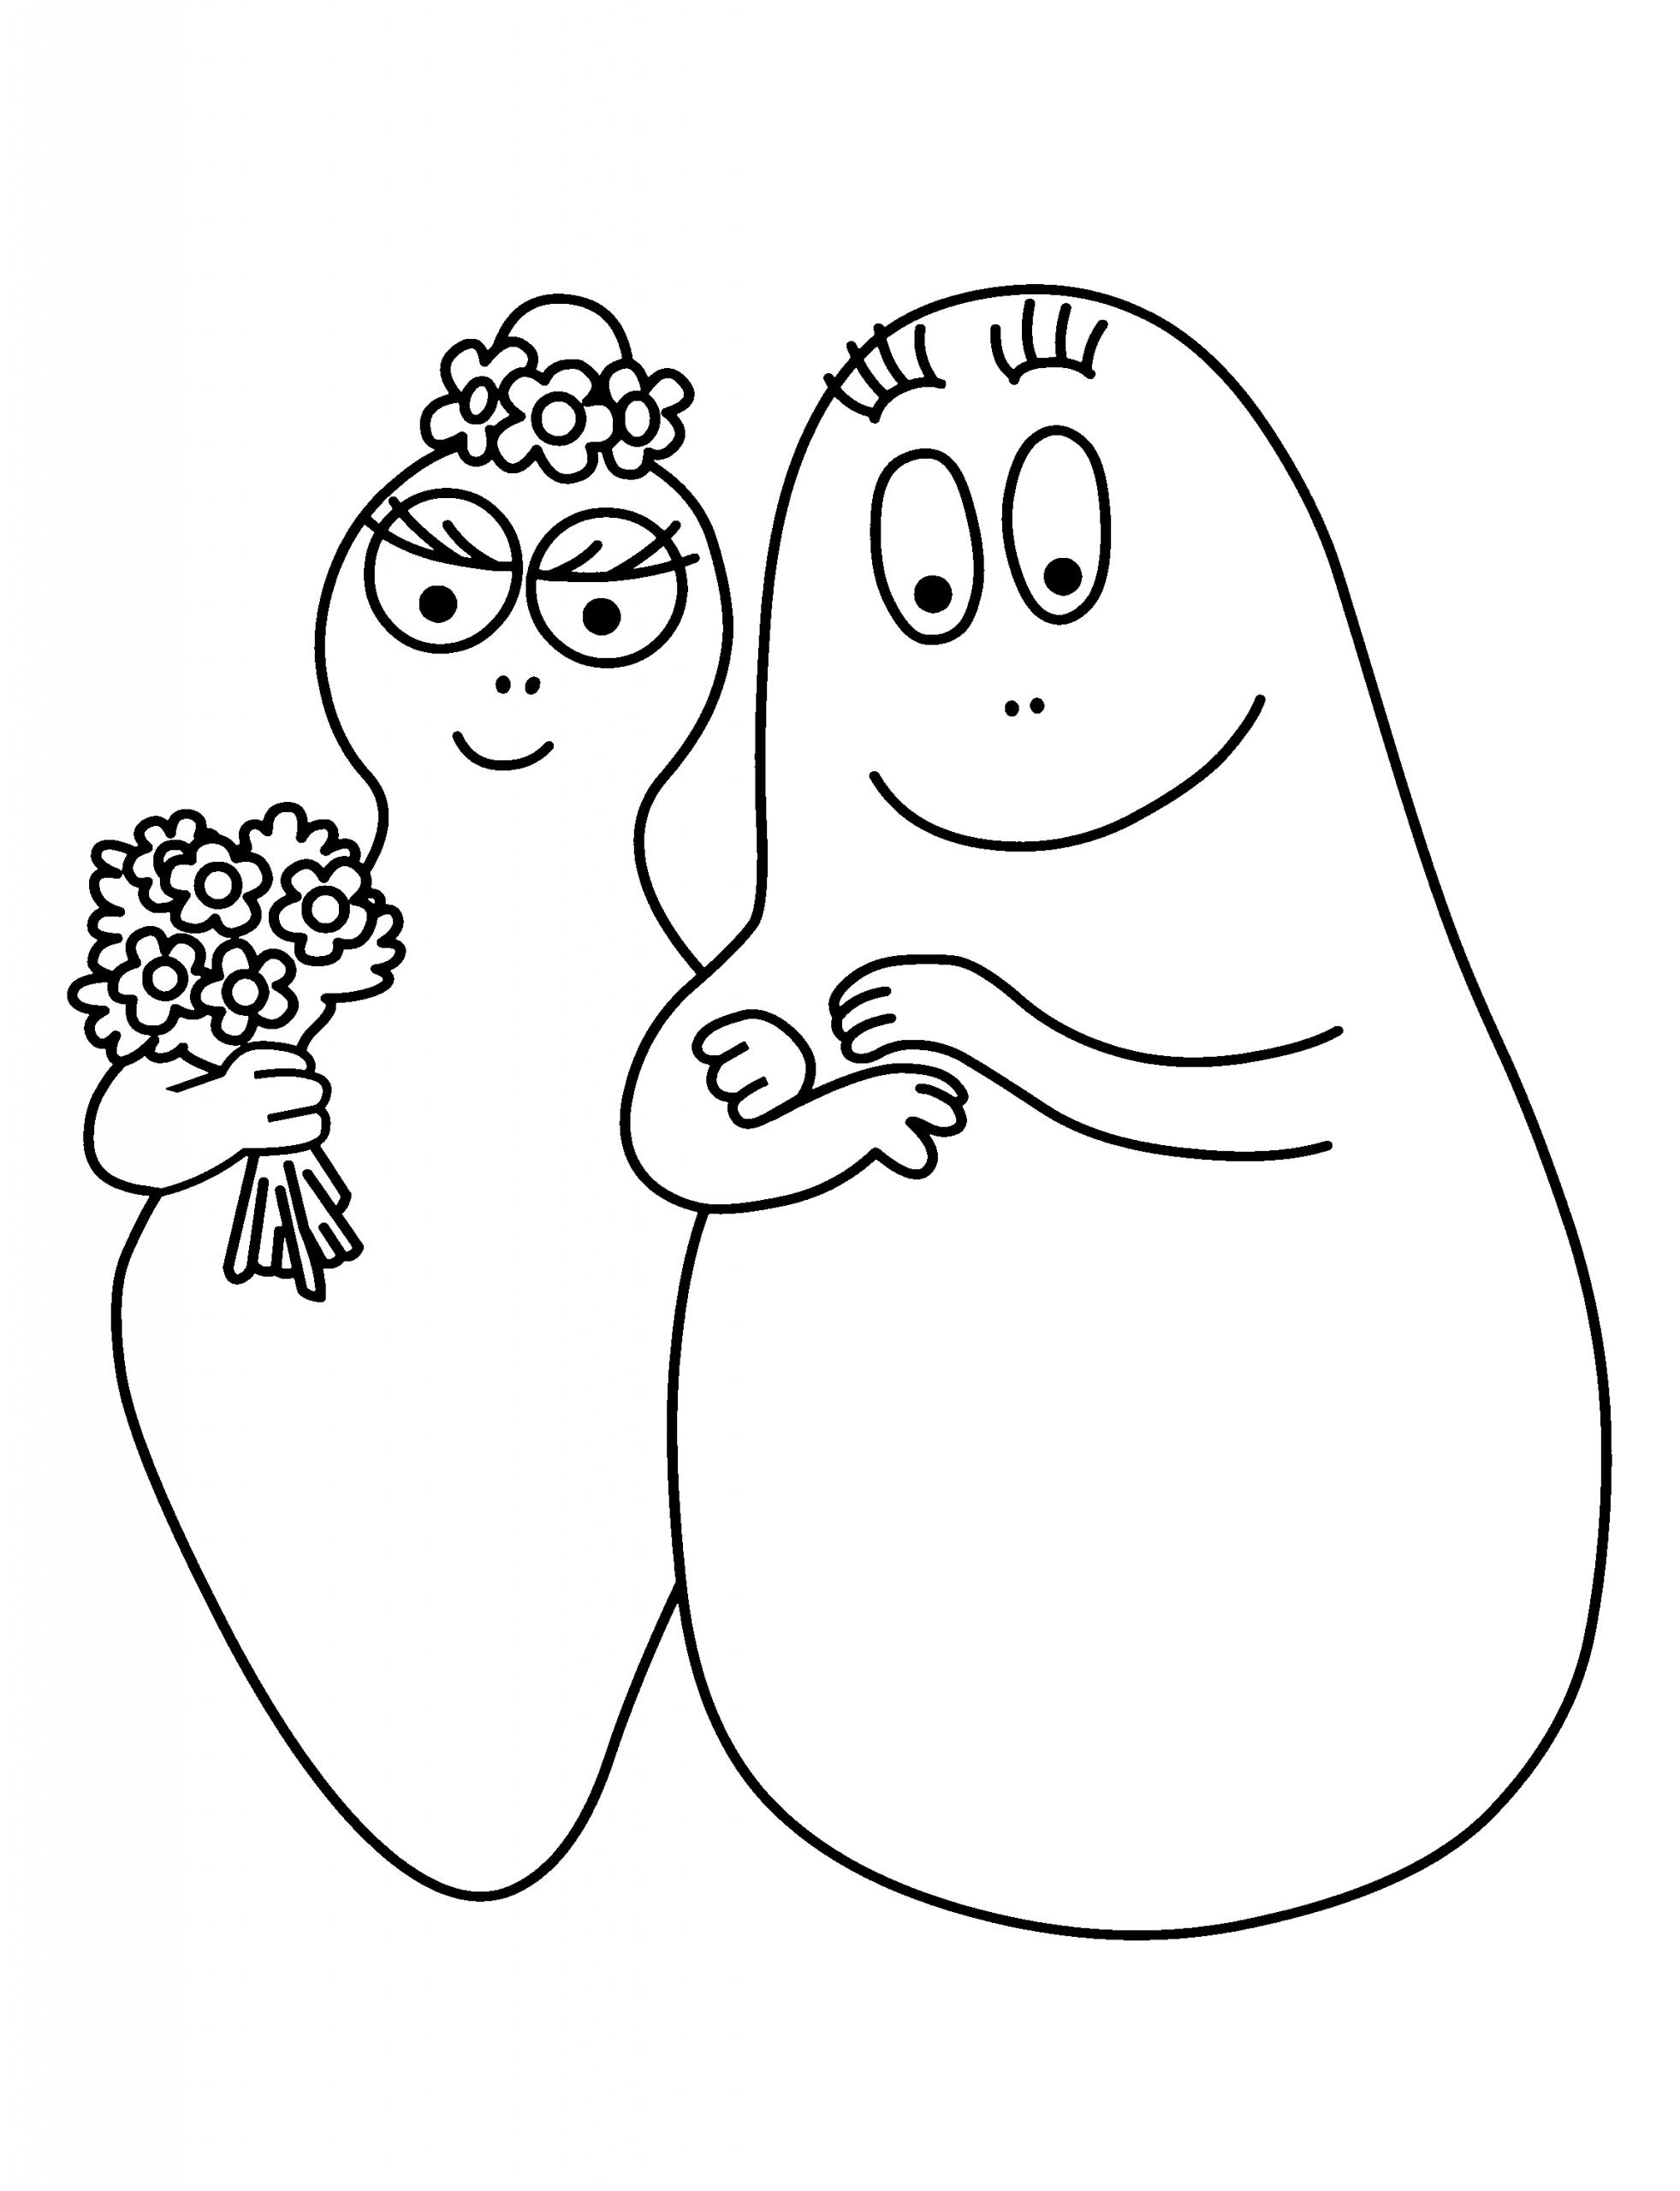 Coloriages Barbapapas - Coloriages Pour Enfants dedans Coloriage Barbapapa À Imprimer Gratuit